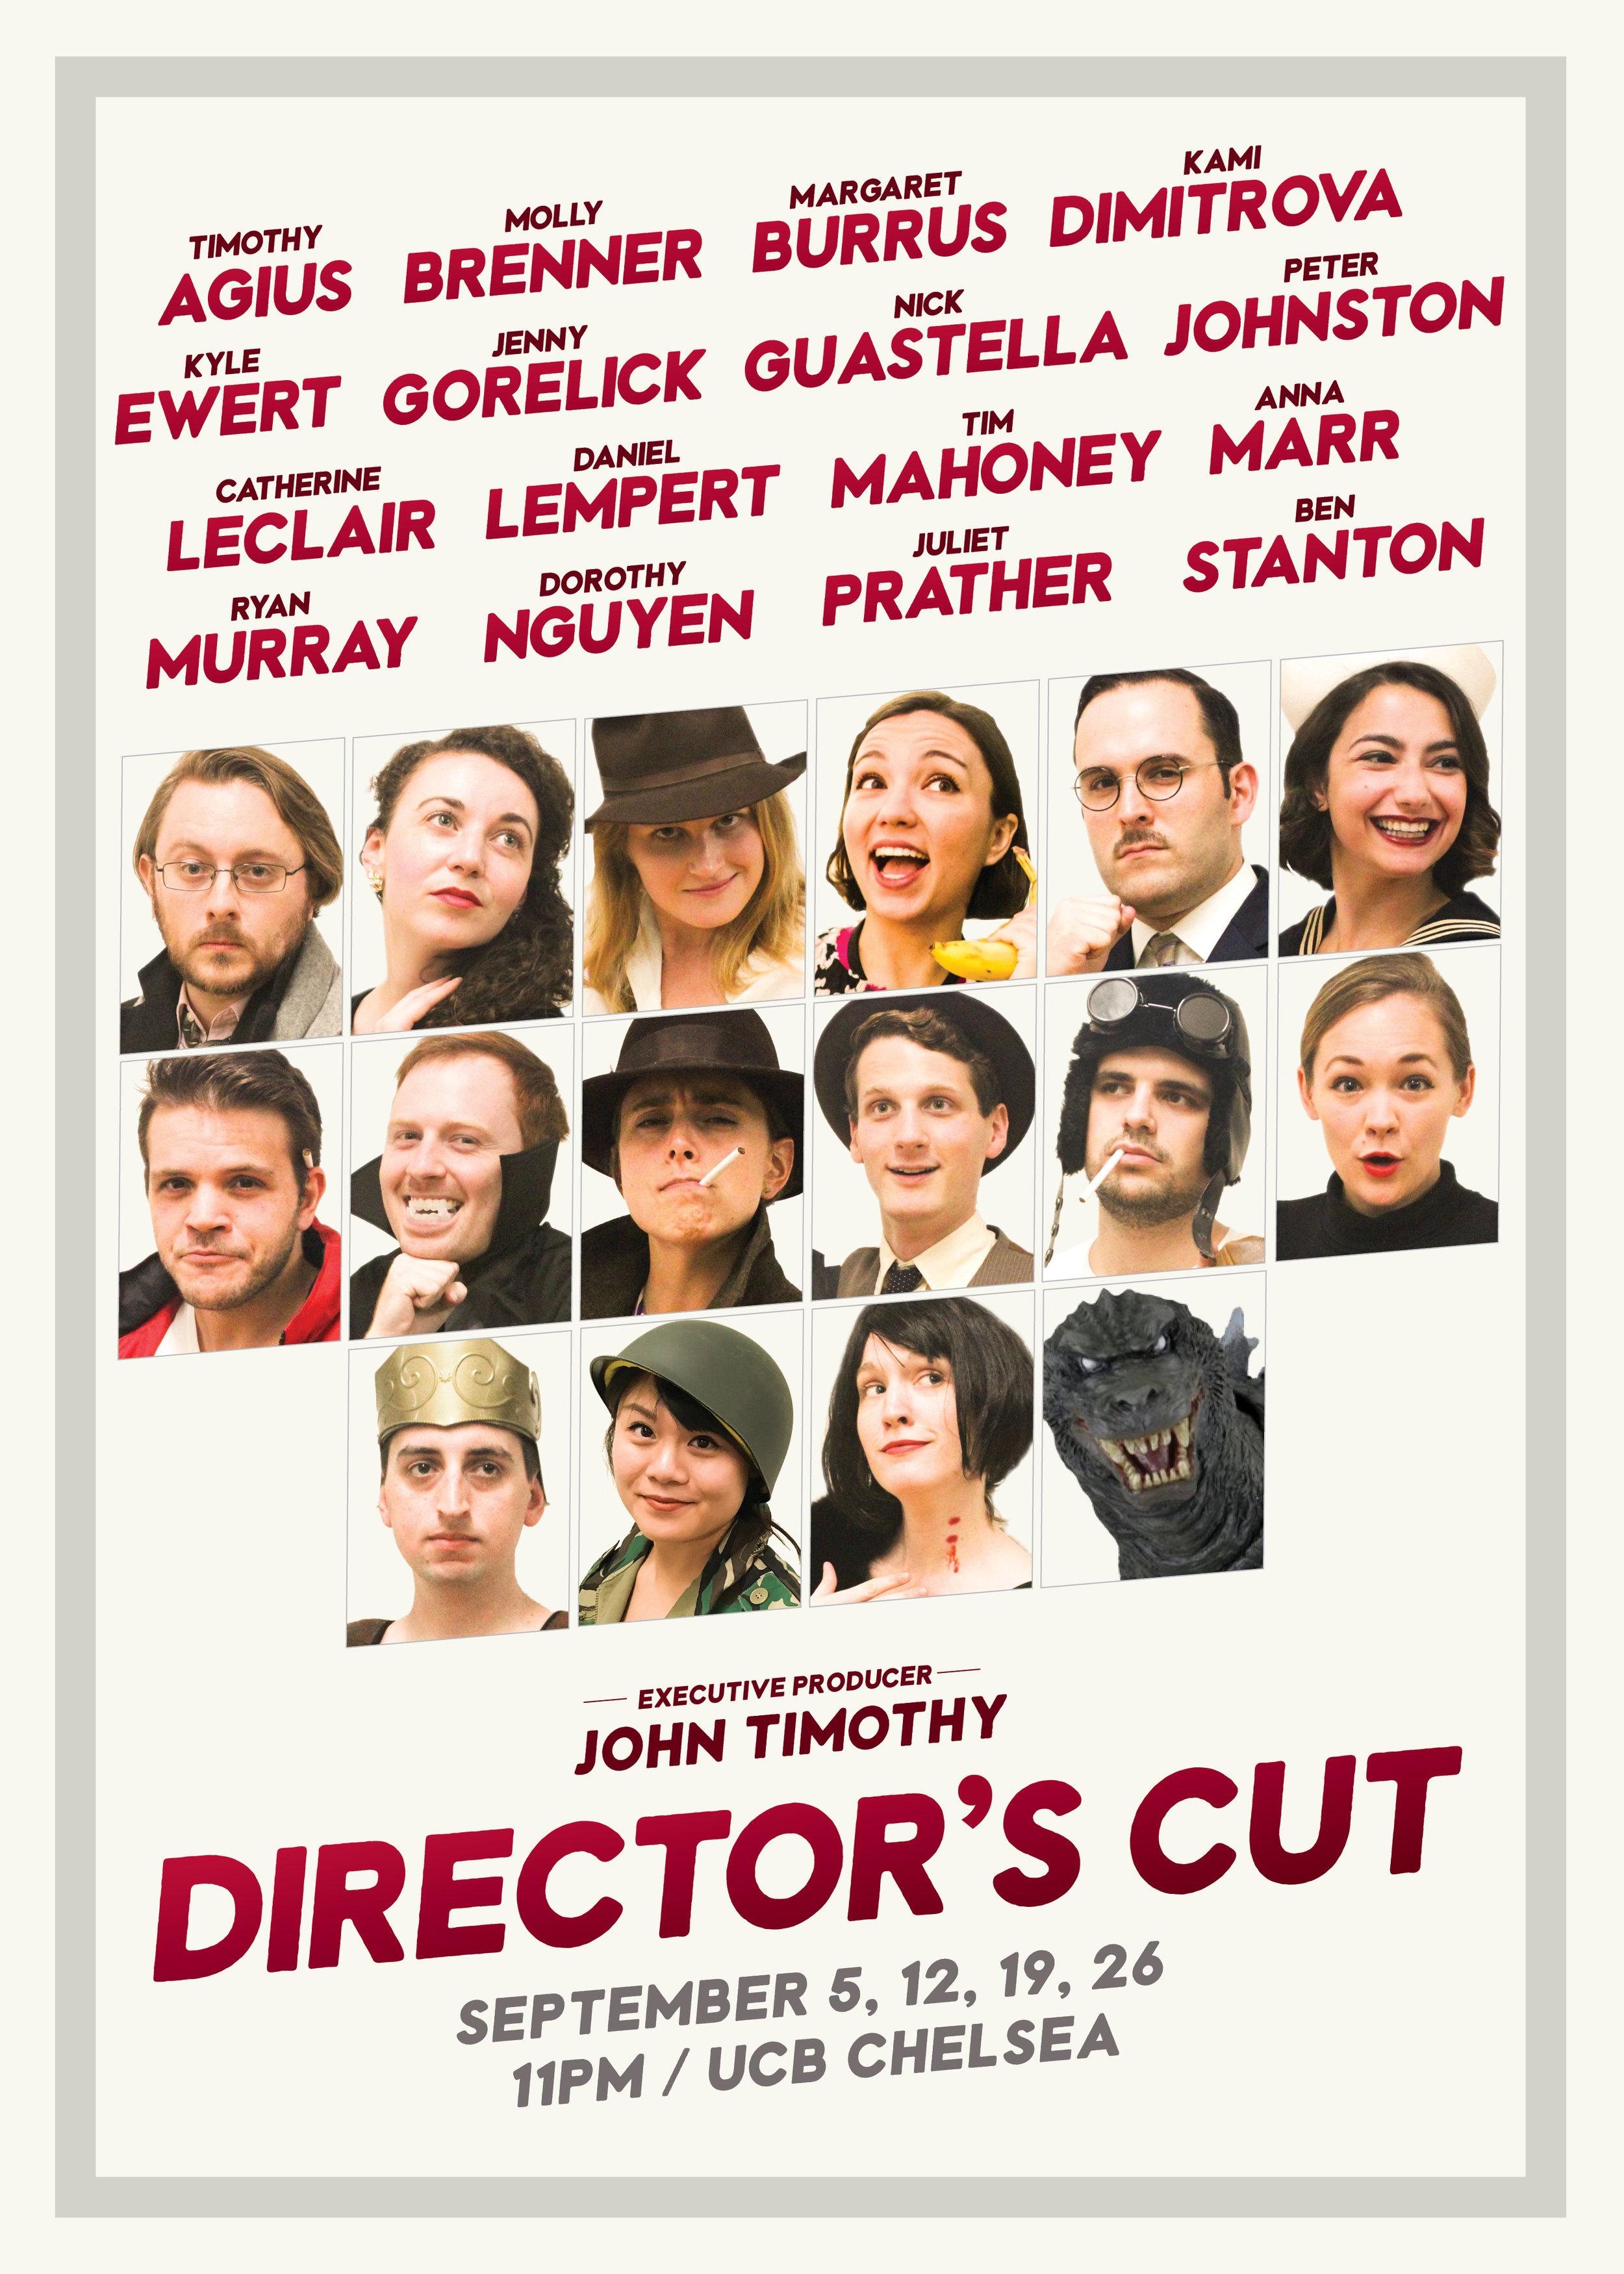 DirectorsCut_Poster.jpg